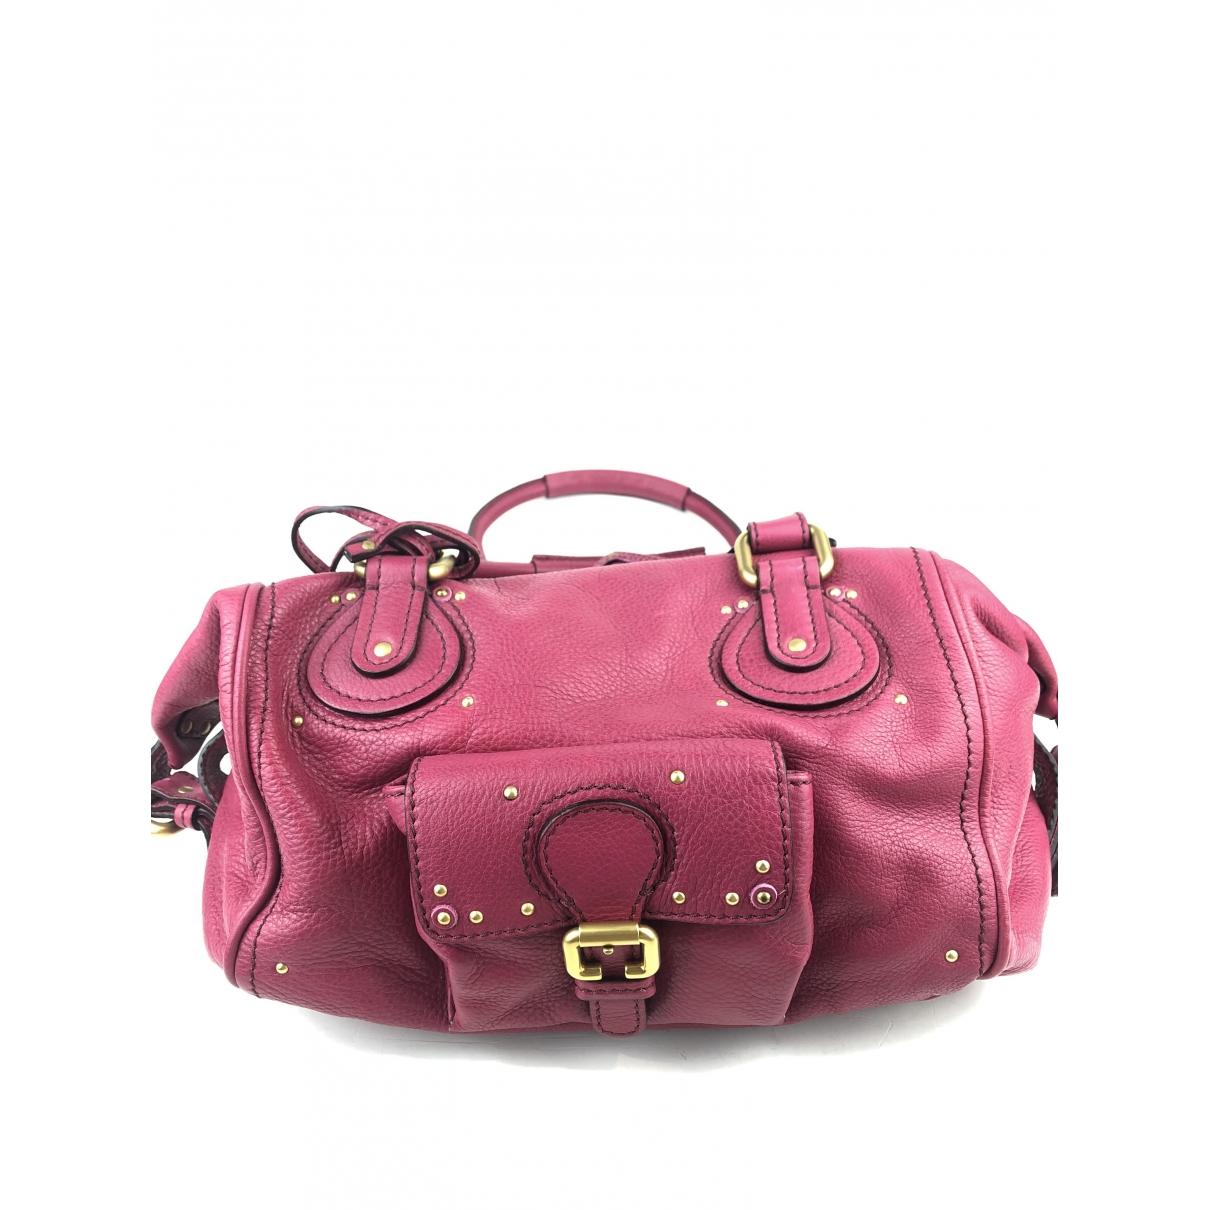 Chloe Paddington Handtasche in  Rosa Leder